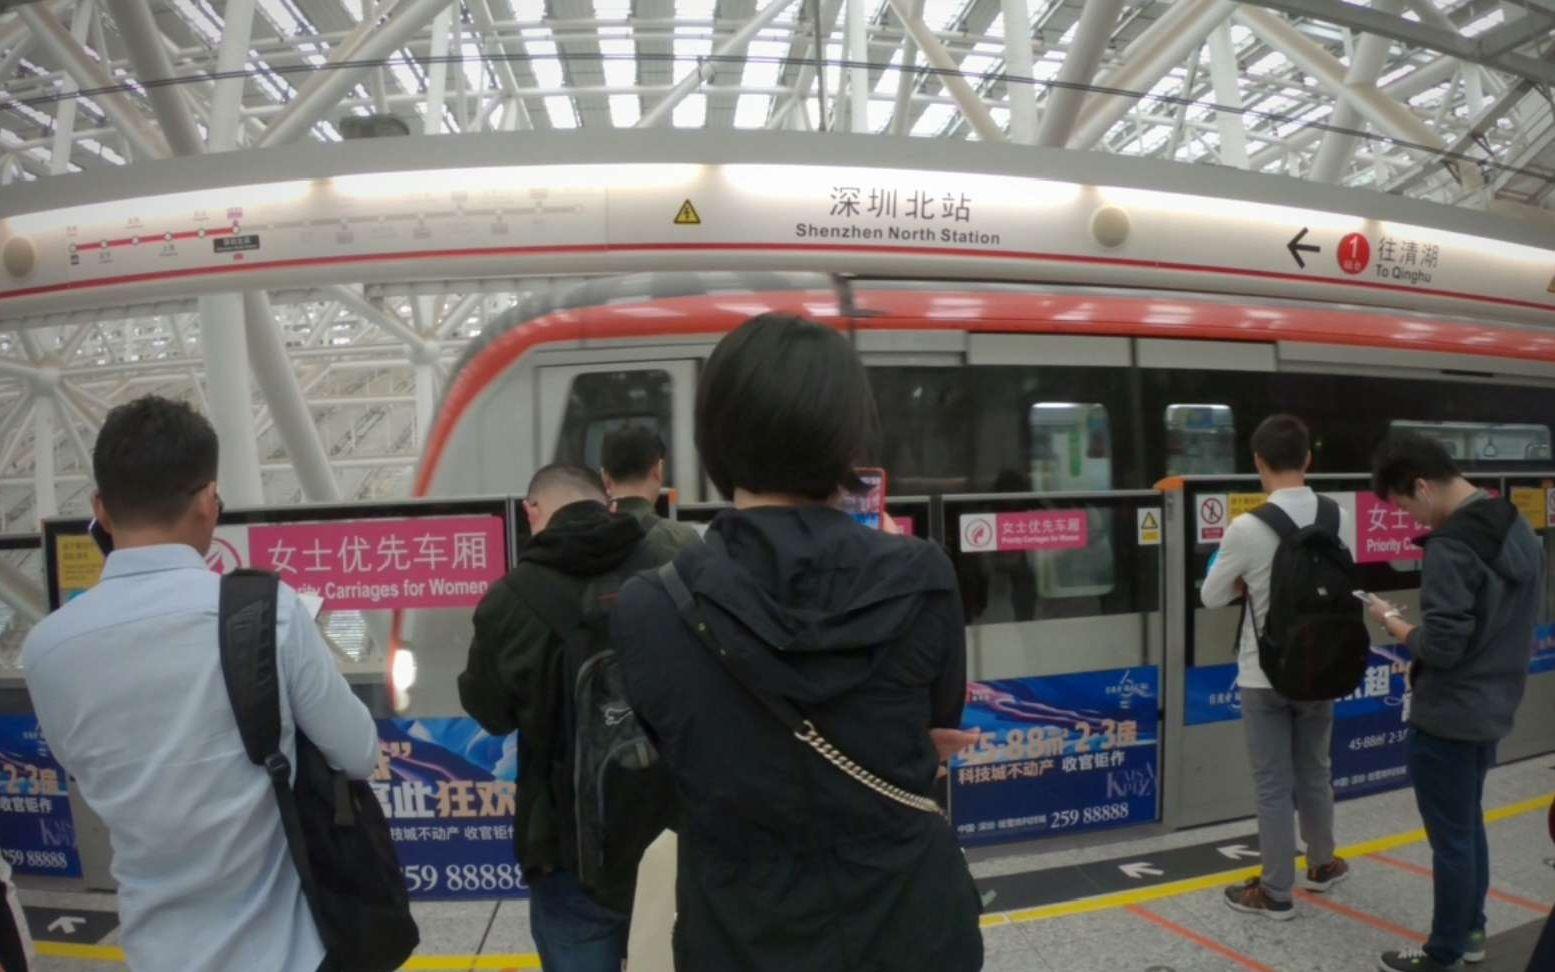 广东深圳:感觉成立龙华新区以后建设明显快了,实拍深圳北到清湖站